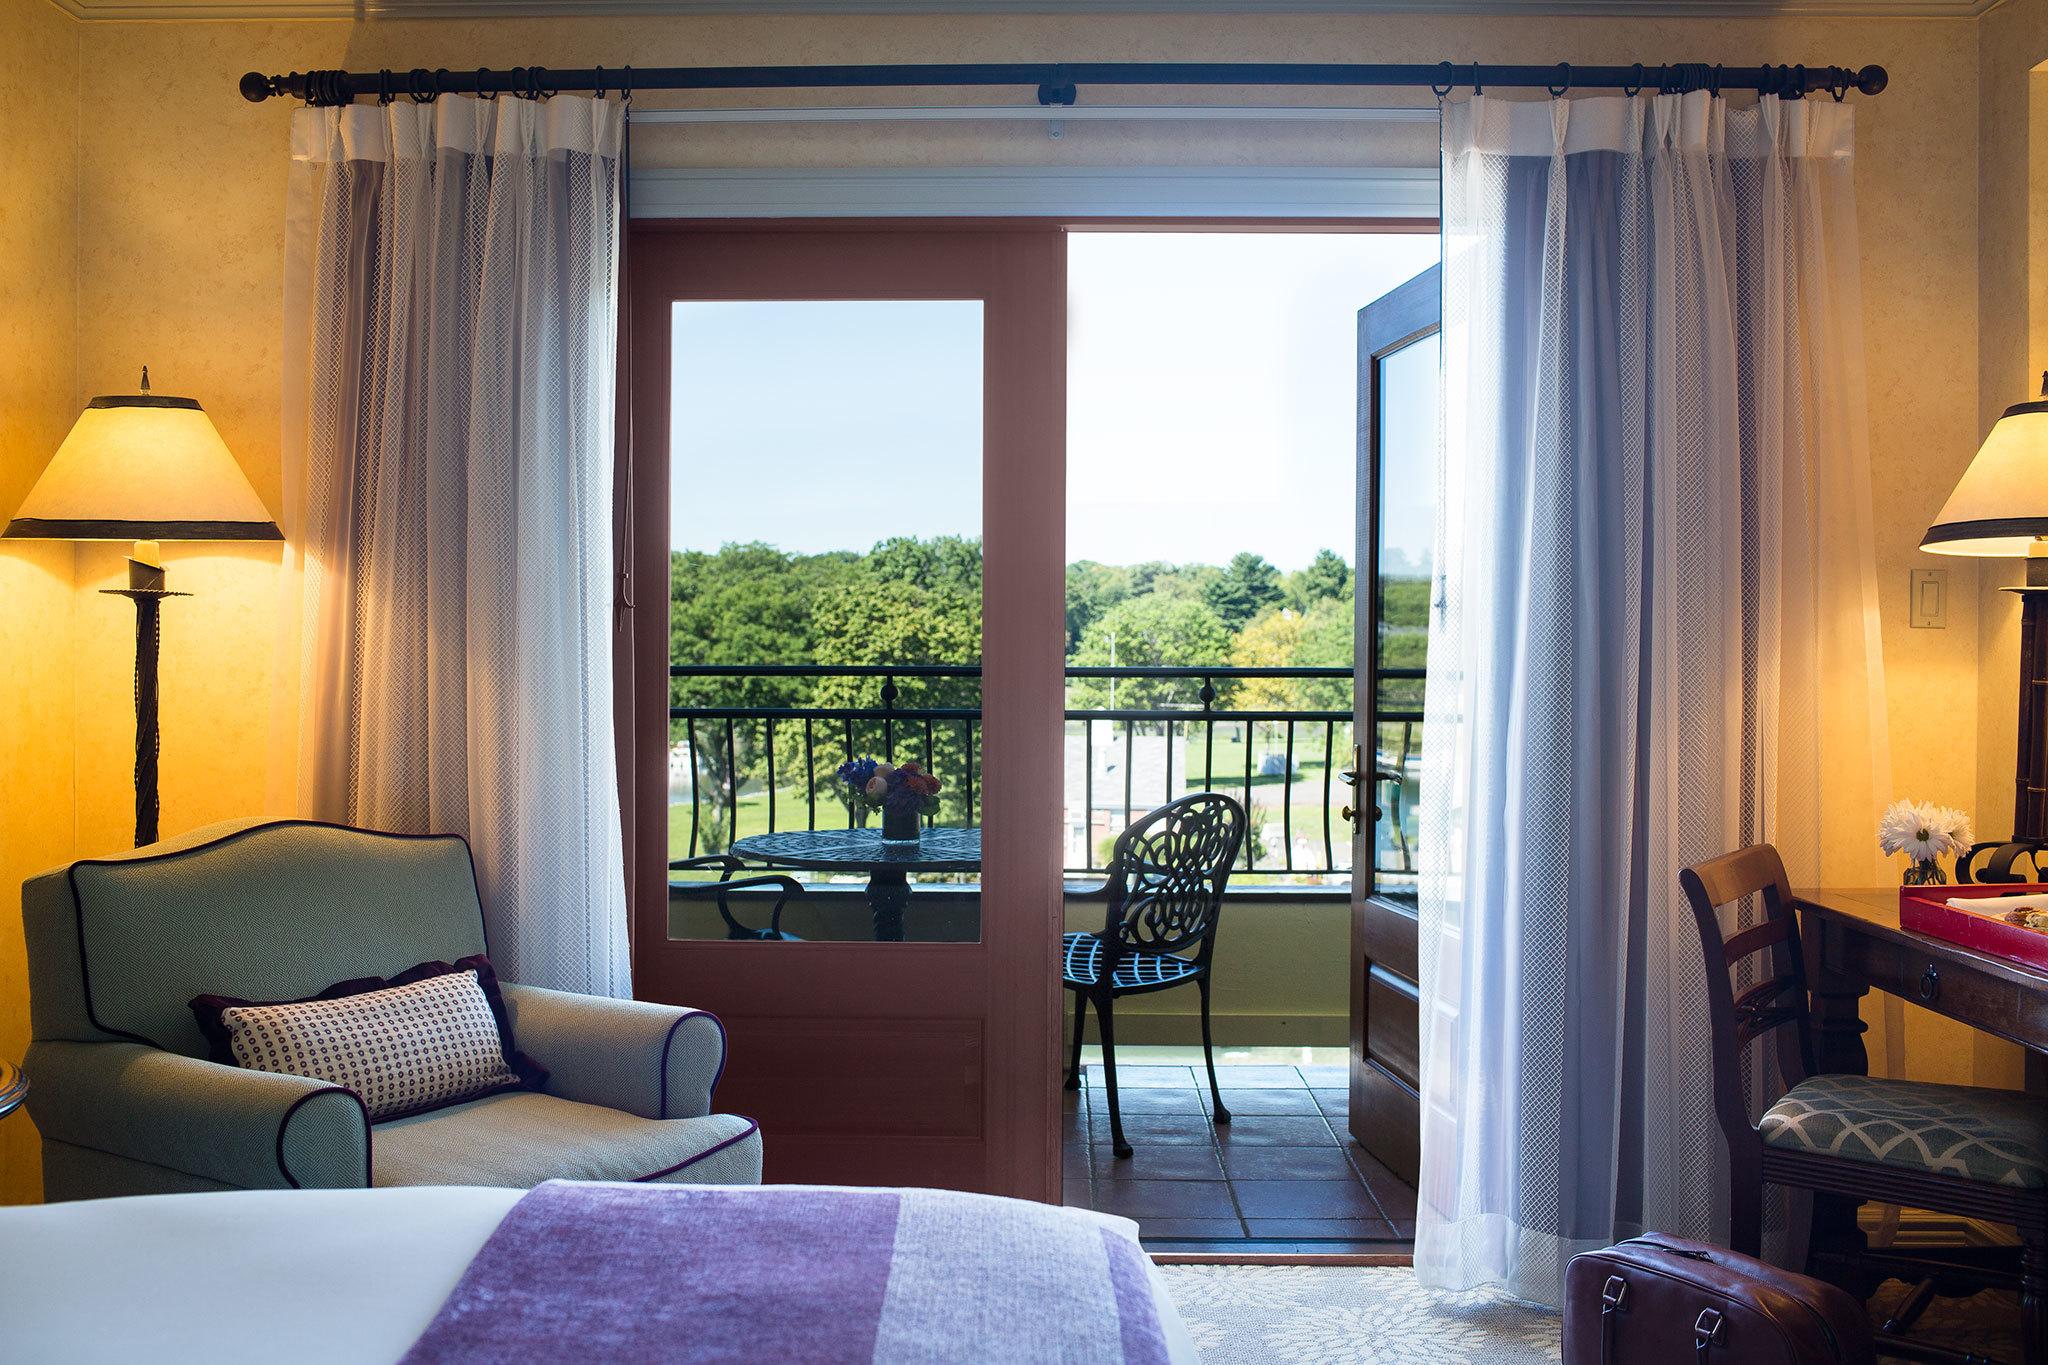 connecticut hotels